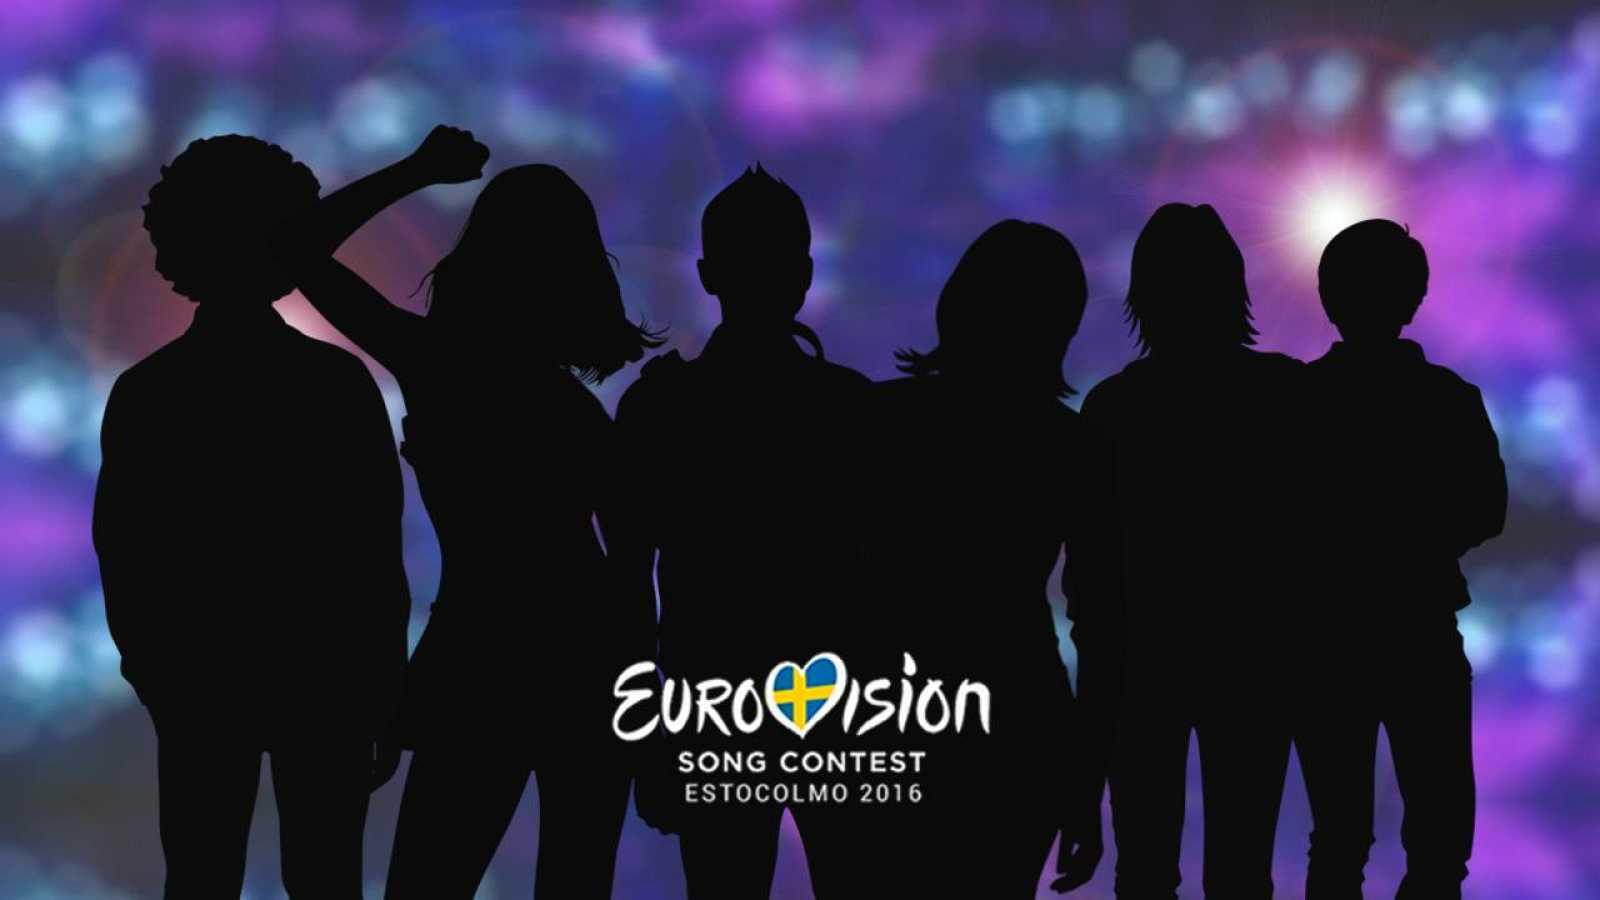 ¿Quiénes serán los artistas seleccionados para la gala de TVE?